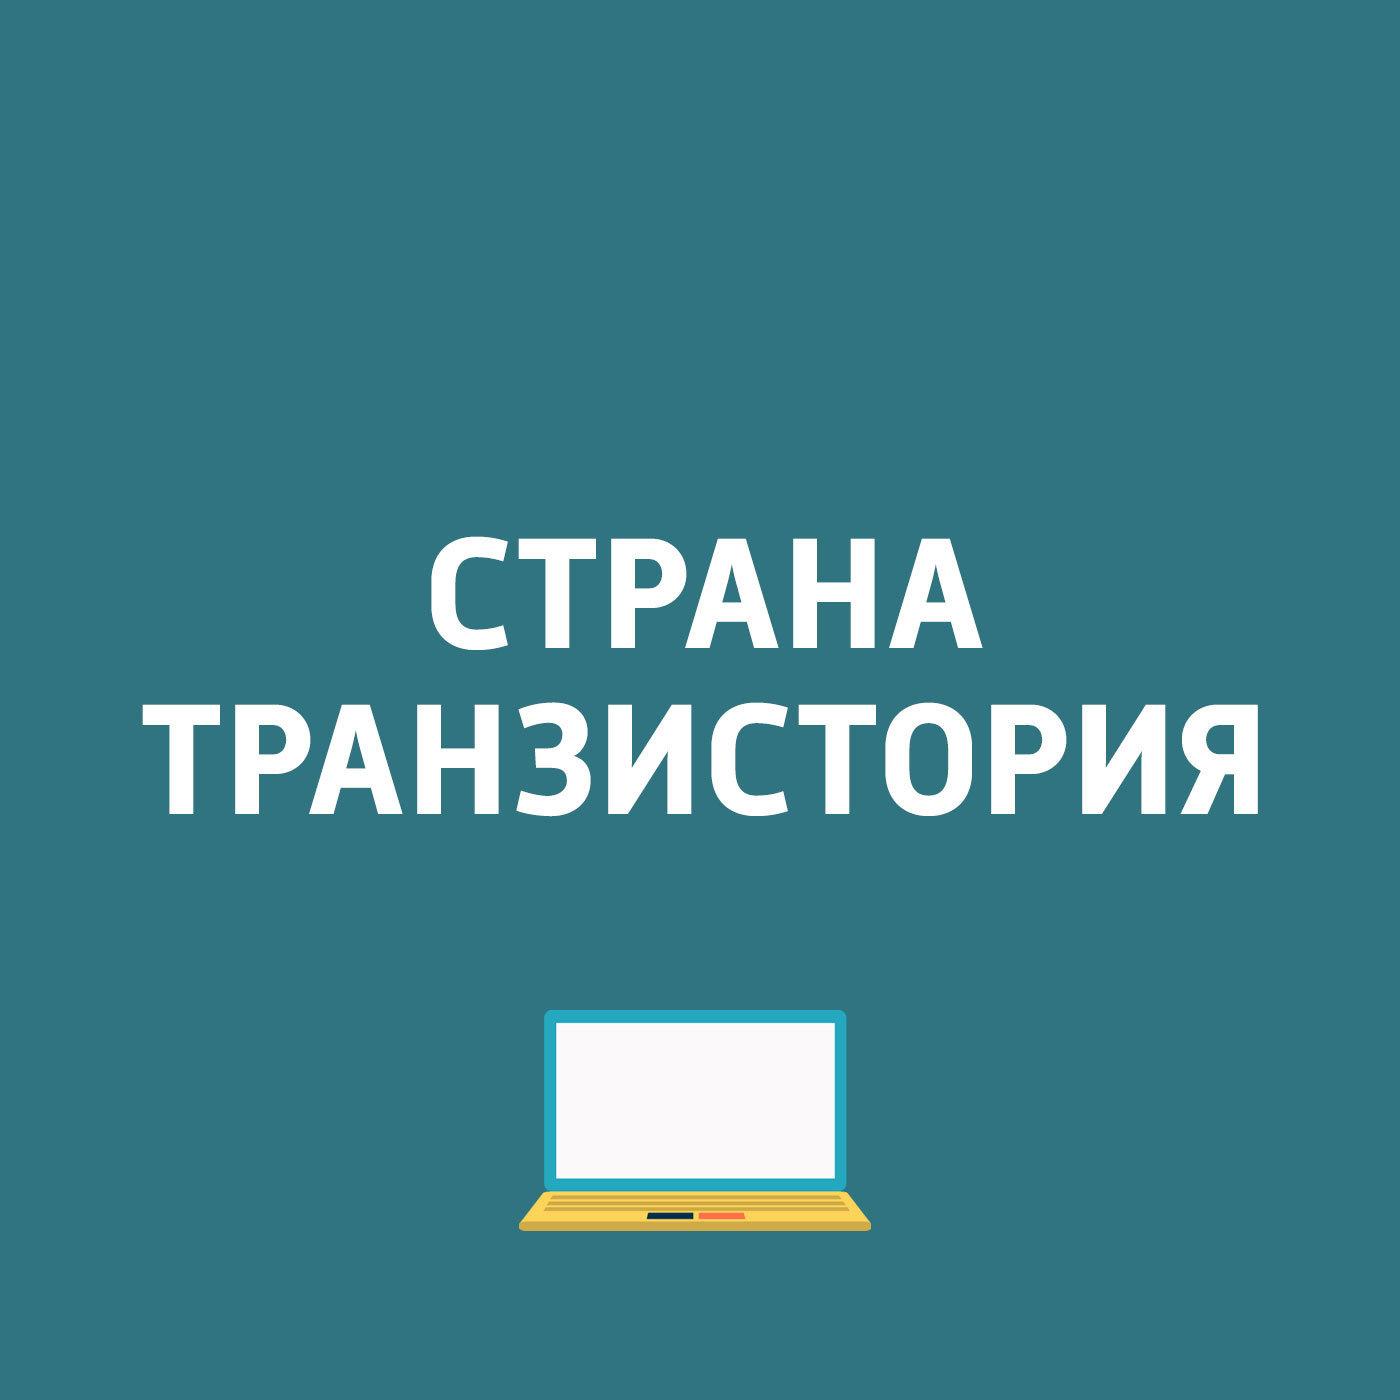 Картаев Павел Telegram начал тестировать звонки картаев павел zte nubia z17 mini домен ru отмечает день рождения